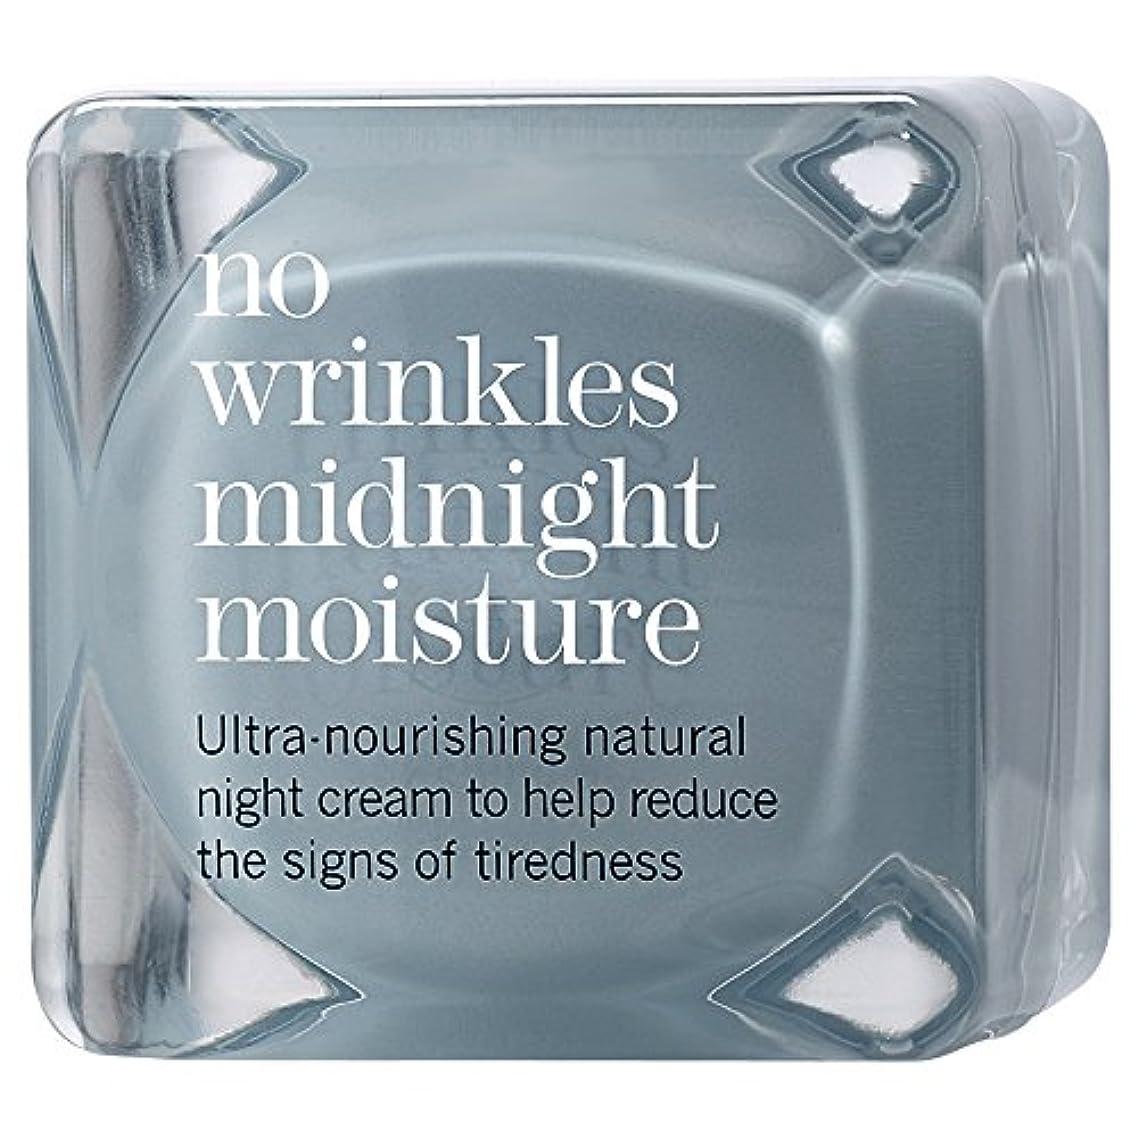 引数バランスのとれた遷移これにはしわ真夜中の水分48ミリリットルの作品はありません (This Works) - This Works No Wrinkles Midnight Moisture 48ml [並行輸入品]